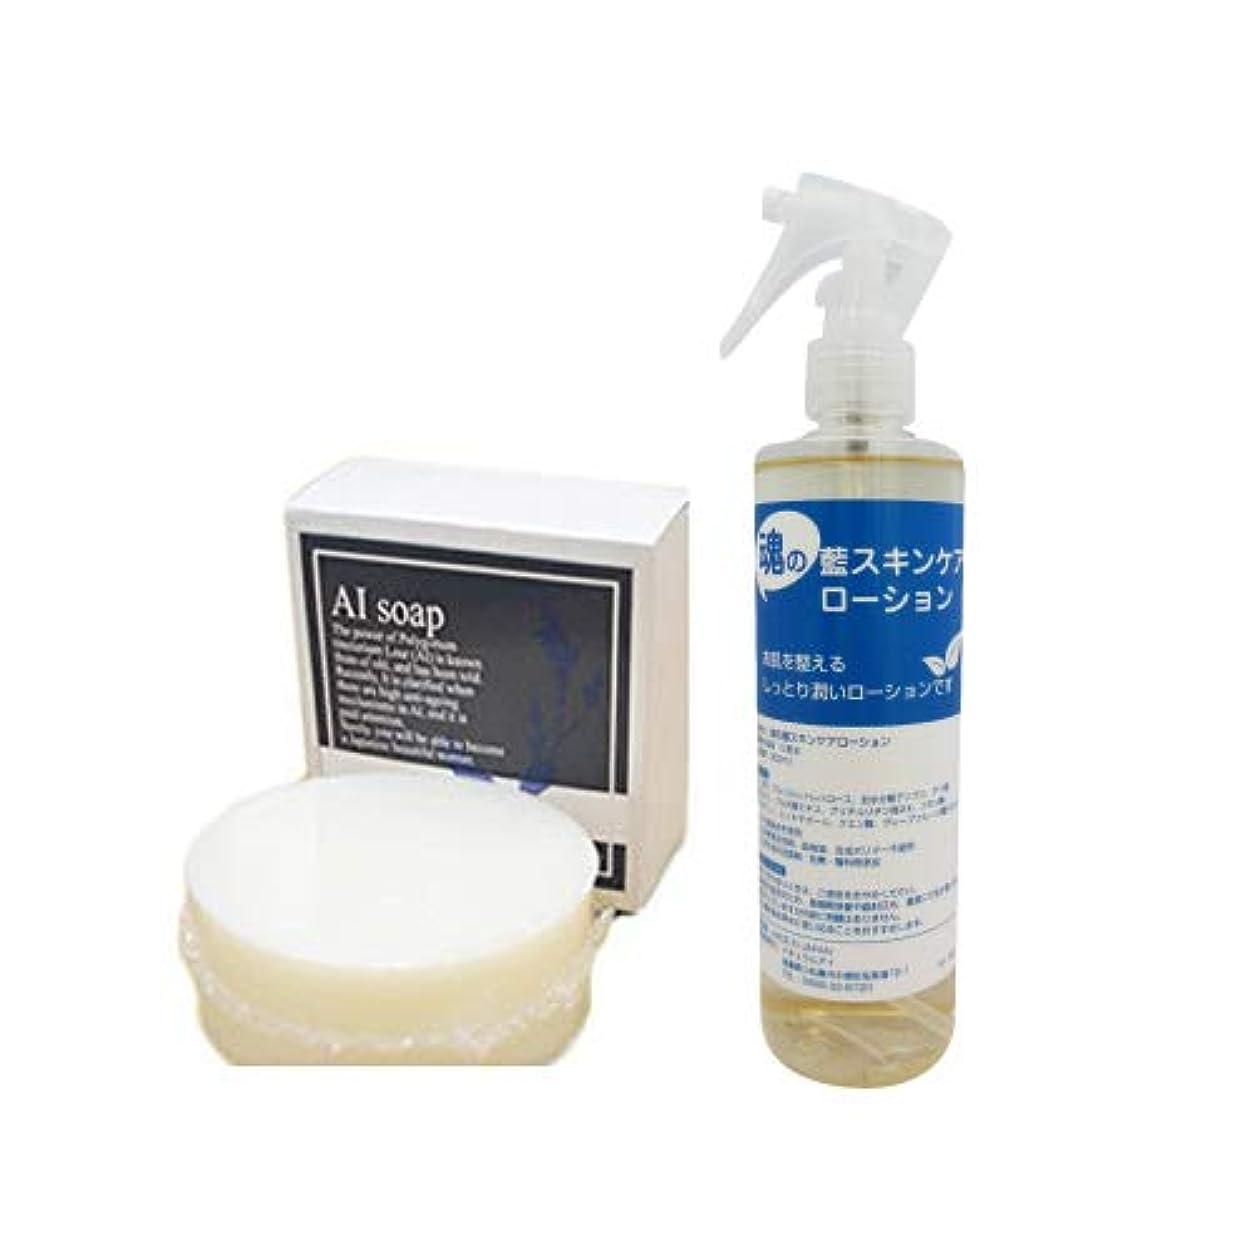 強化するライドラベンダー藍石鹸(AIソープ)100g+藍スキンケアローション300mlセット 美肌の「藍」セット(無添加ノンケミカル)肌乾燥?肌トラブルにおススメ